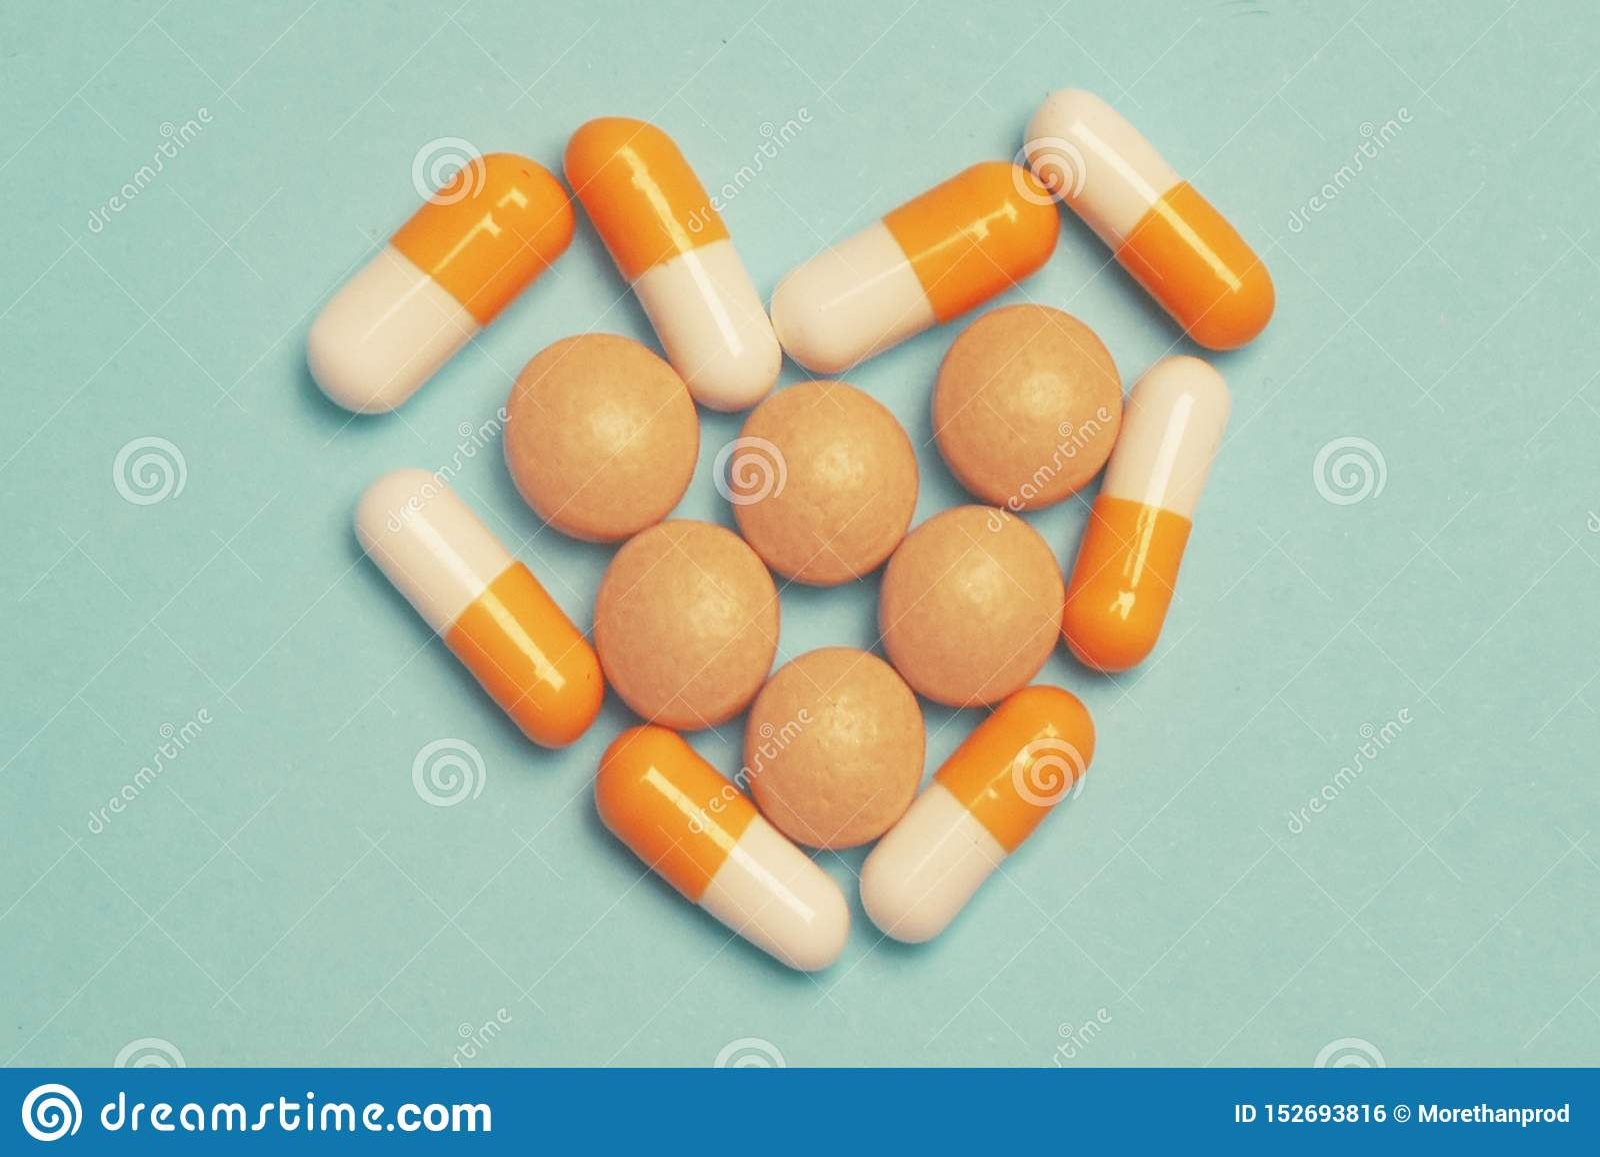 P?ldoras en un fondo azul Píldoras de la medicina, tabletas y cápsulas farmacéuticas clasificadas, macro de la salud P?ldoras del